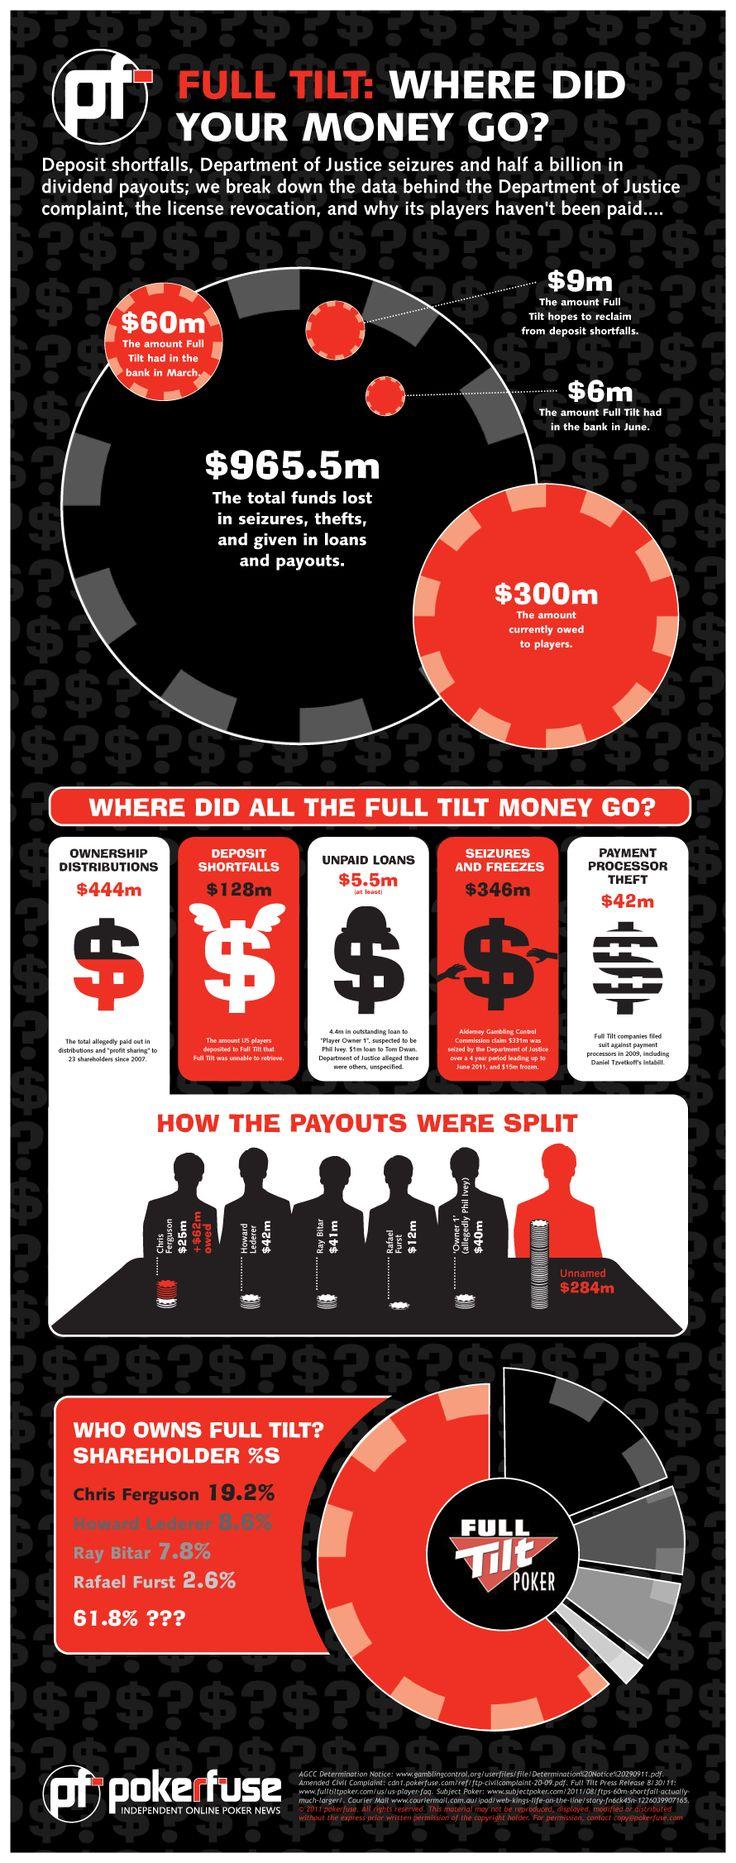 Full Tilt Where Did Your Money Go? Full tilt poker